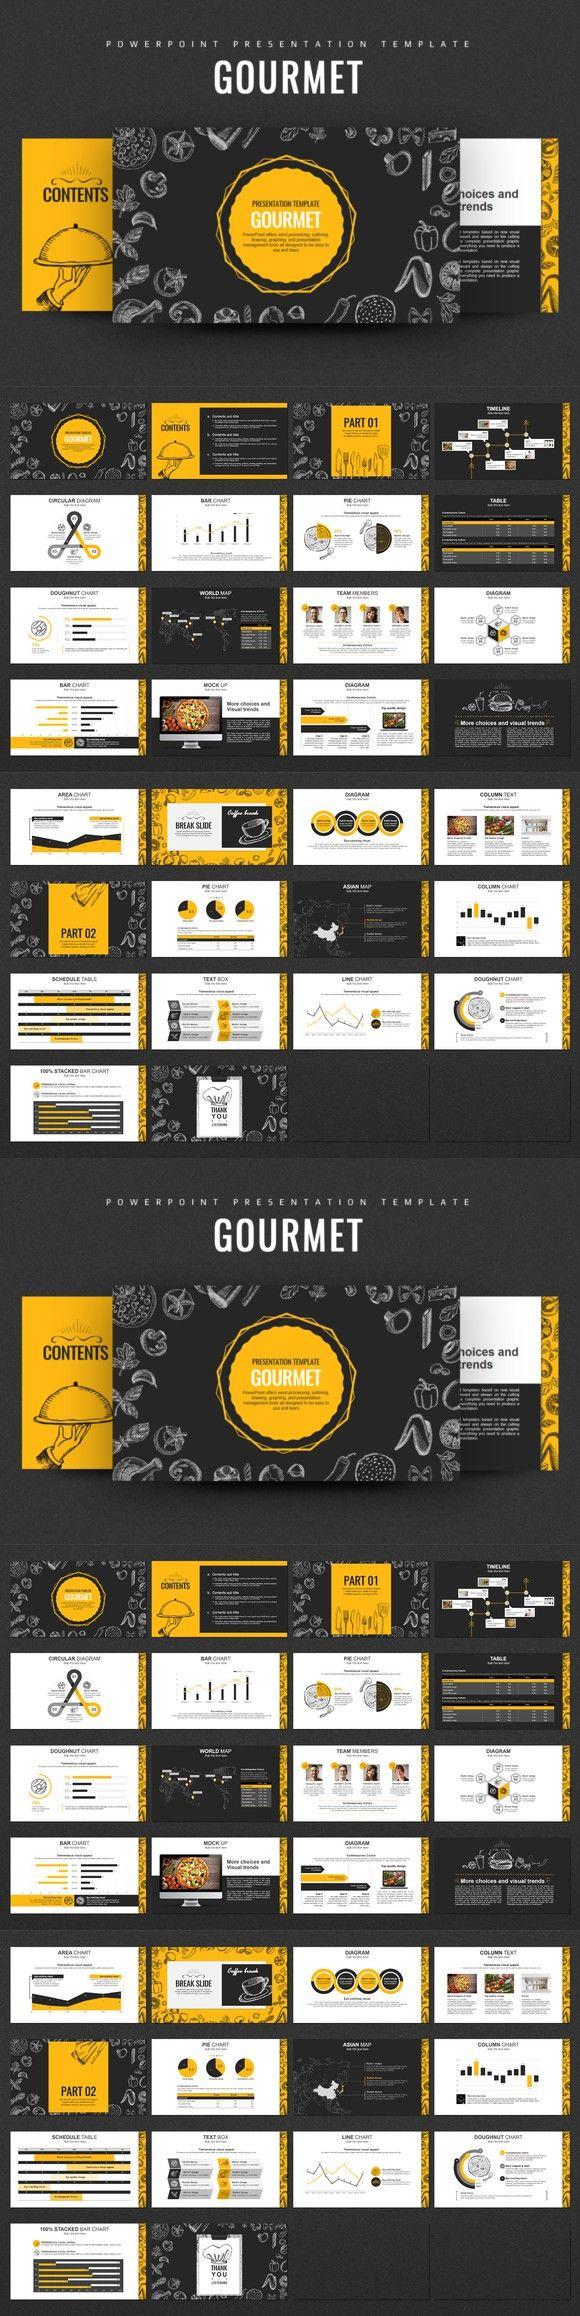 Gourmet Food PowerPoint